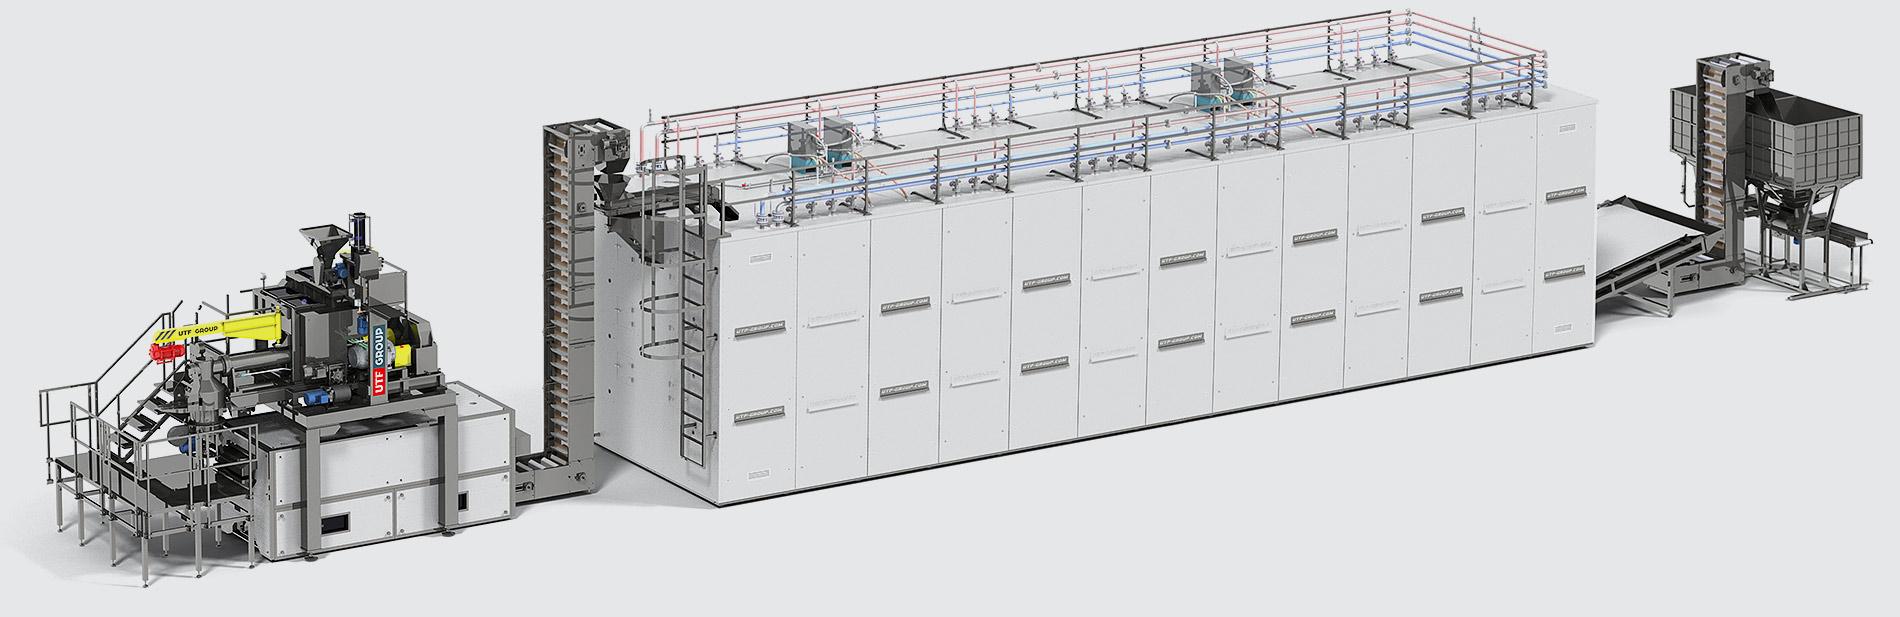 Автоматическая линия по производству макаронных изделий - foto №3